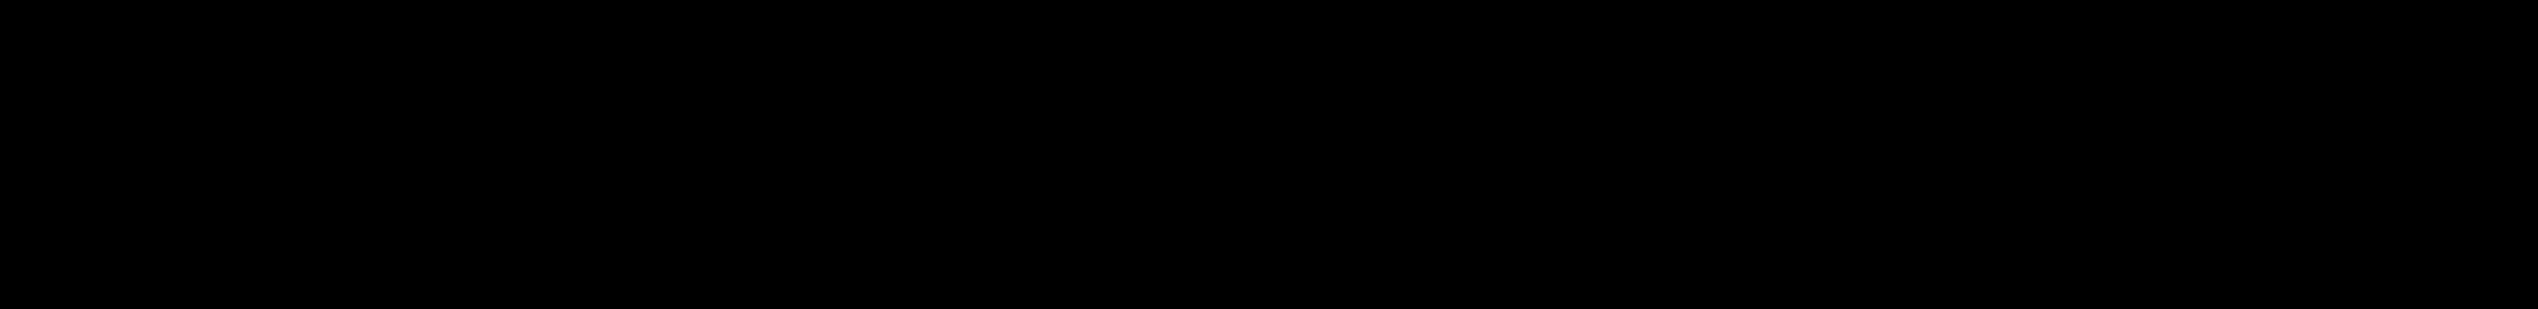 ドレミファソの音階